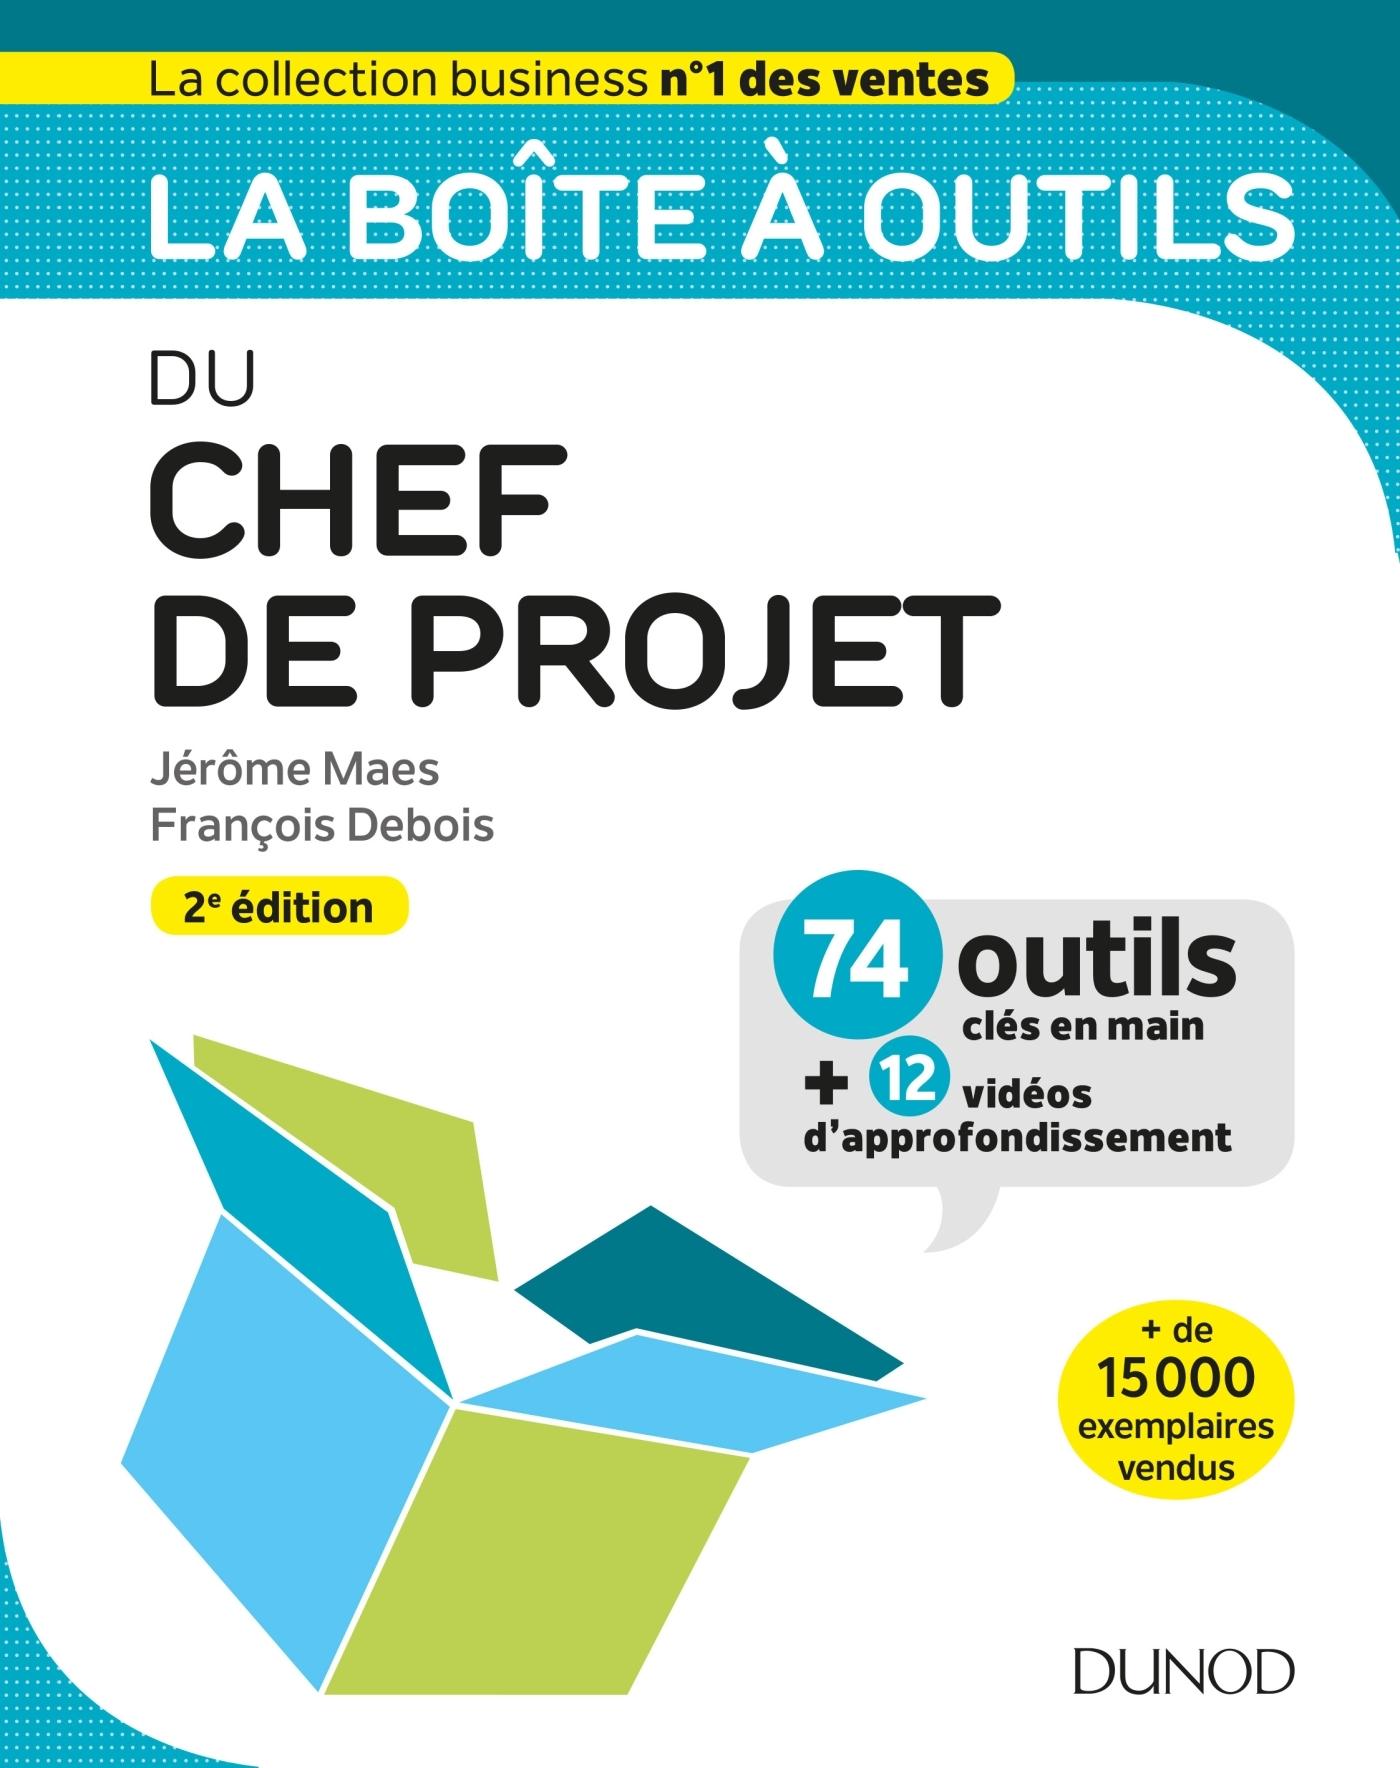 LA BOITE A OUTILS DU CHEF DE PROJET - 2E ED. -74 OUTILS CLES EN MAIN + 12 VIDEOS D'APPROFONDISSEMENT